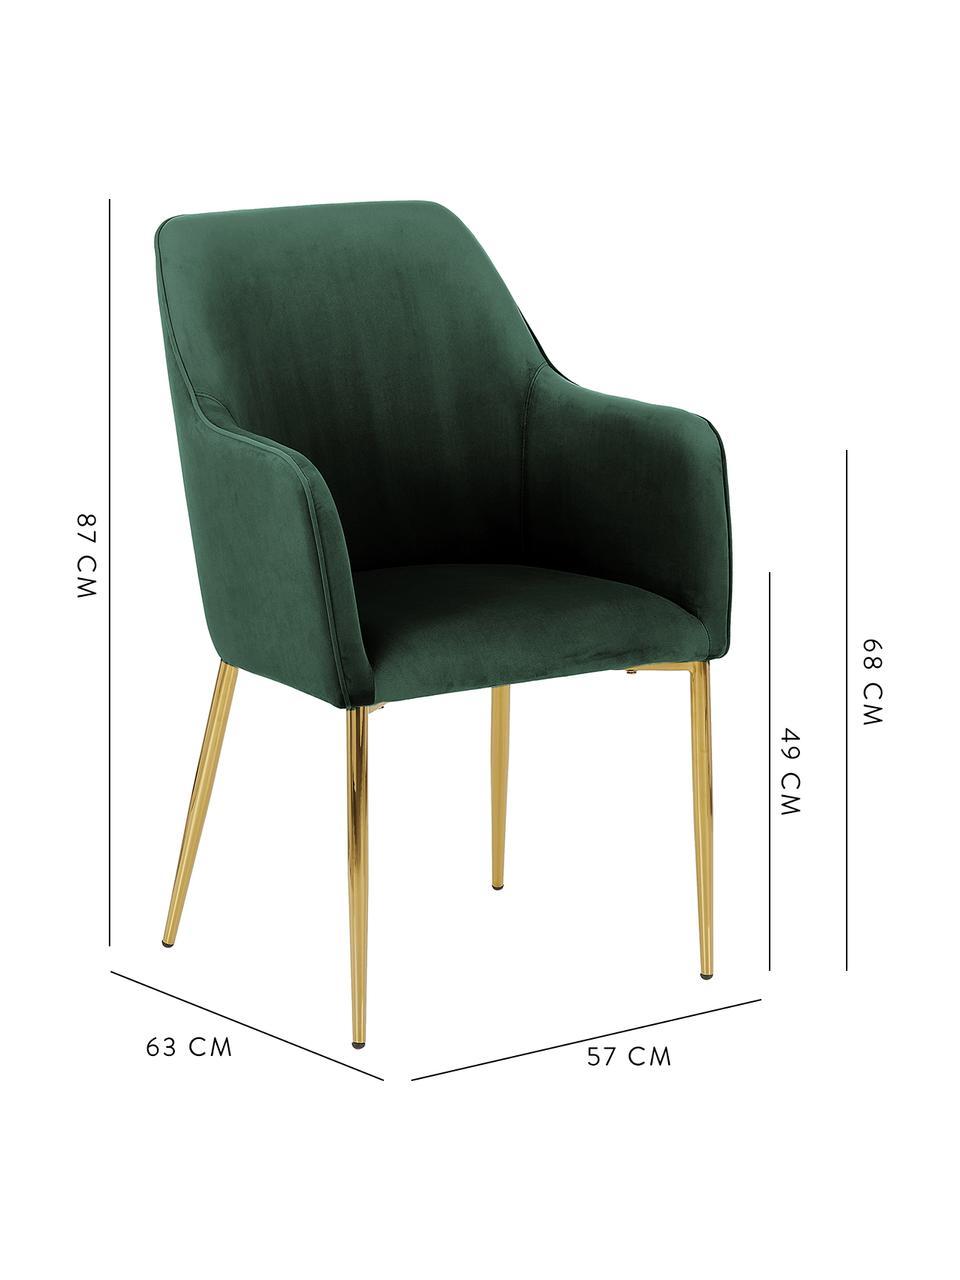 Krzesło z podłokietnikami  z aksamitu Ava, Tapicerka: aksamit (100% poliester) , Nogi: metal galwanizowany, Aksamitny ciemny zielony , nogi: złoty, S 57 x G 63 cm